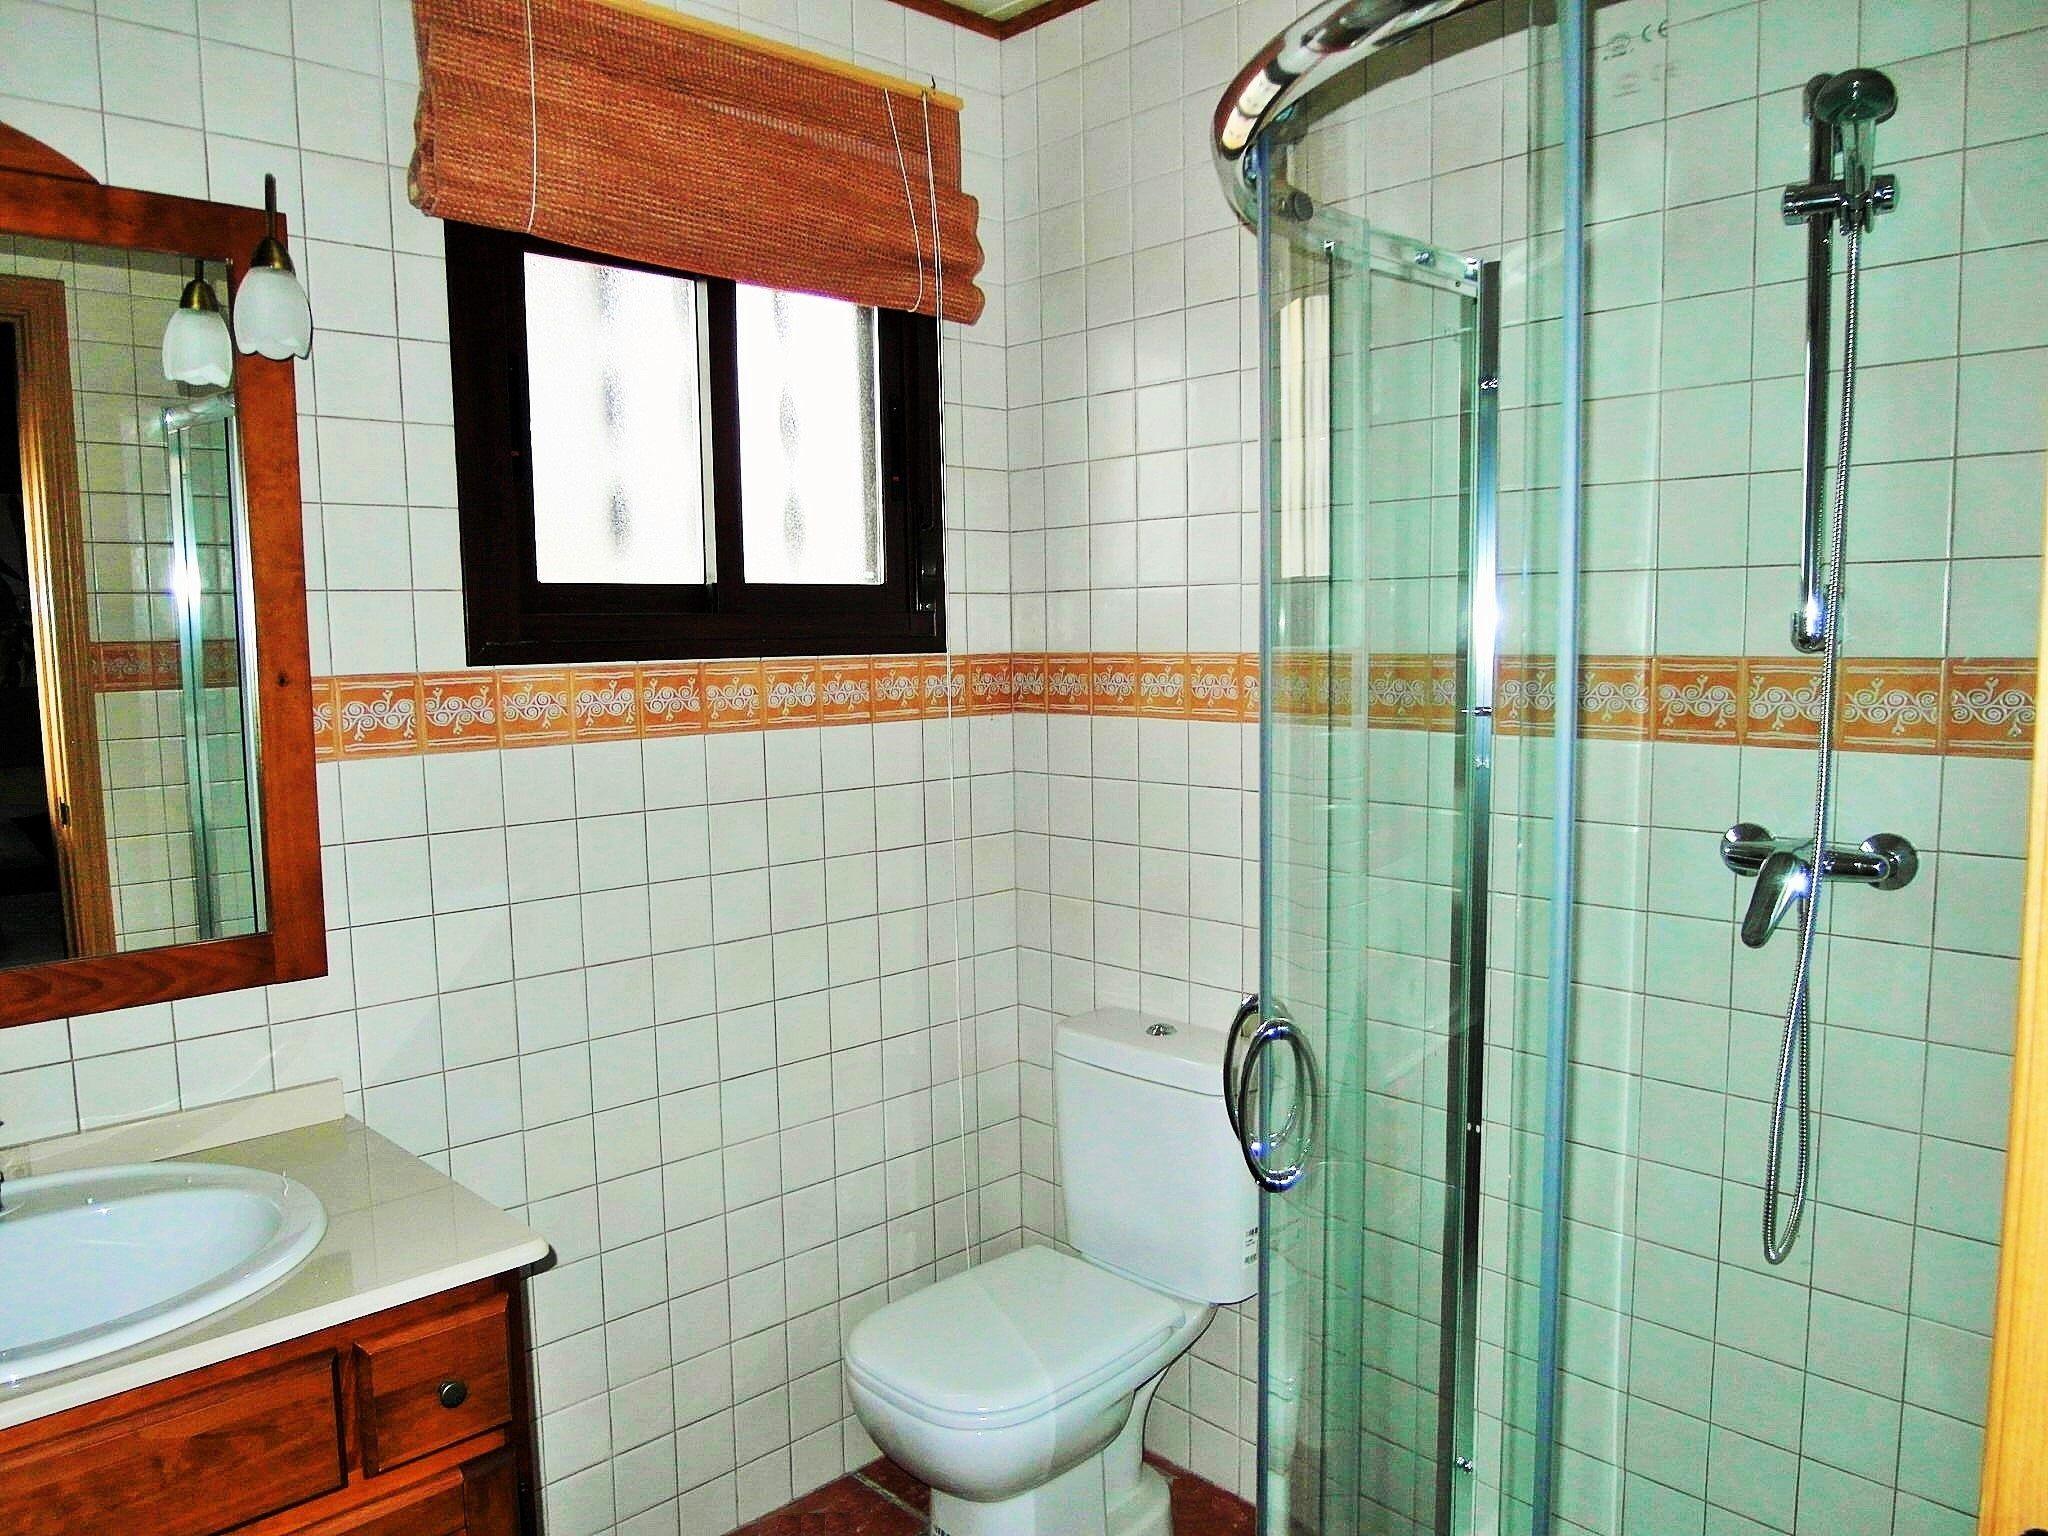 Ba o estilo casa prefabricada de campo www - Interiores de casas prefabricadas ...